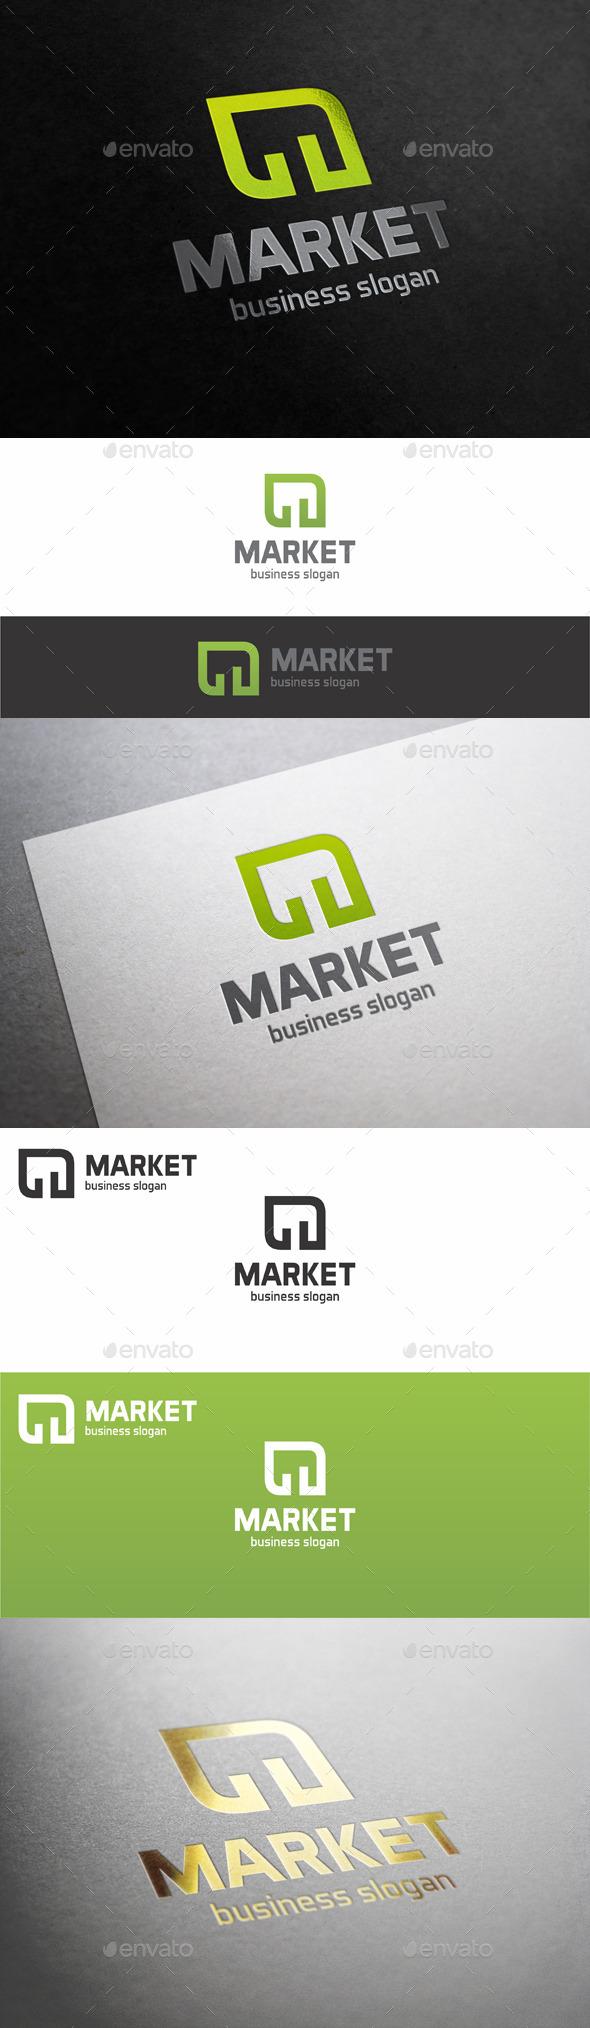 Market Stats Green Leaf Logo